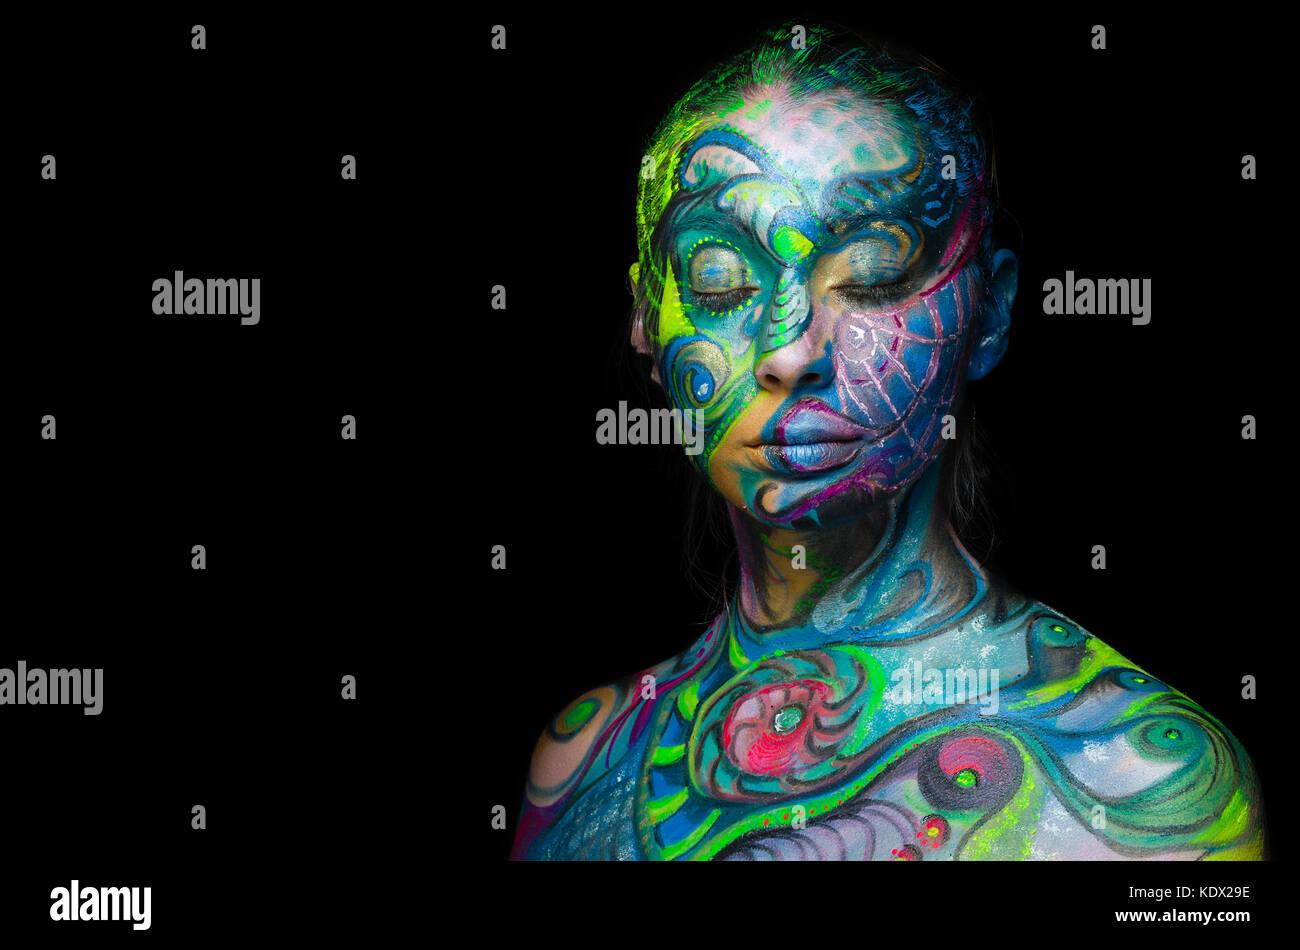 Bella arte del corpo - volto artistico (vista frontale) Immagini Stock